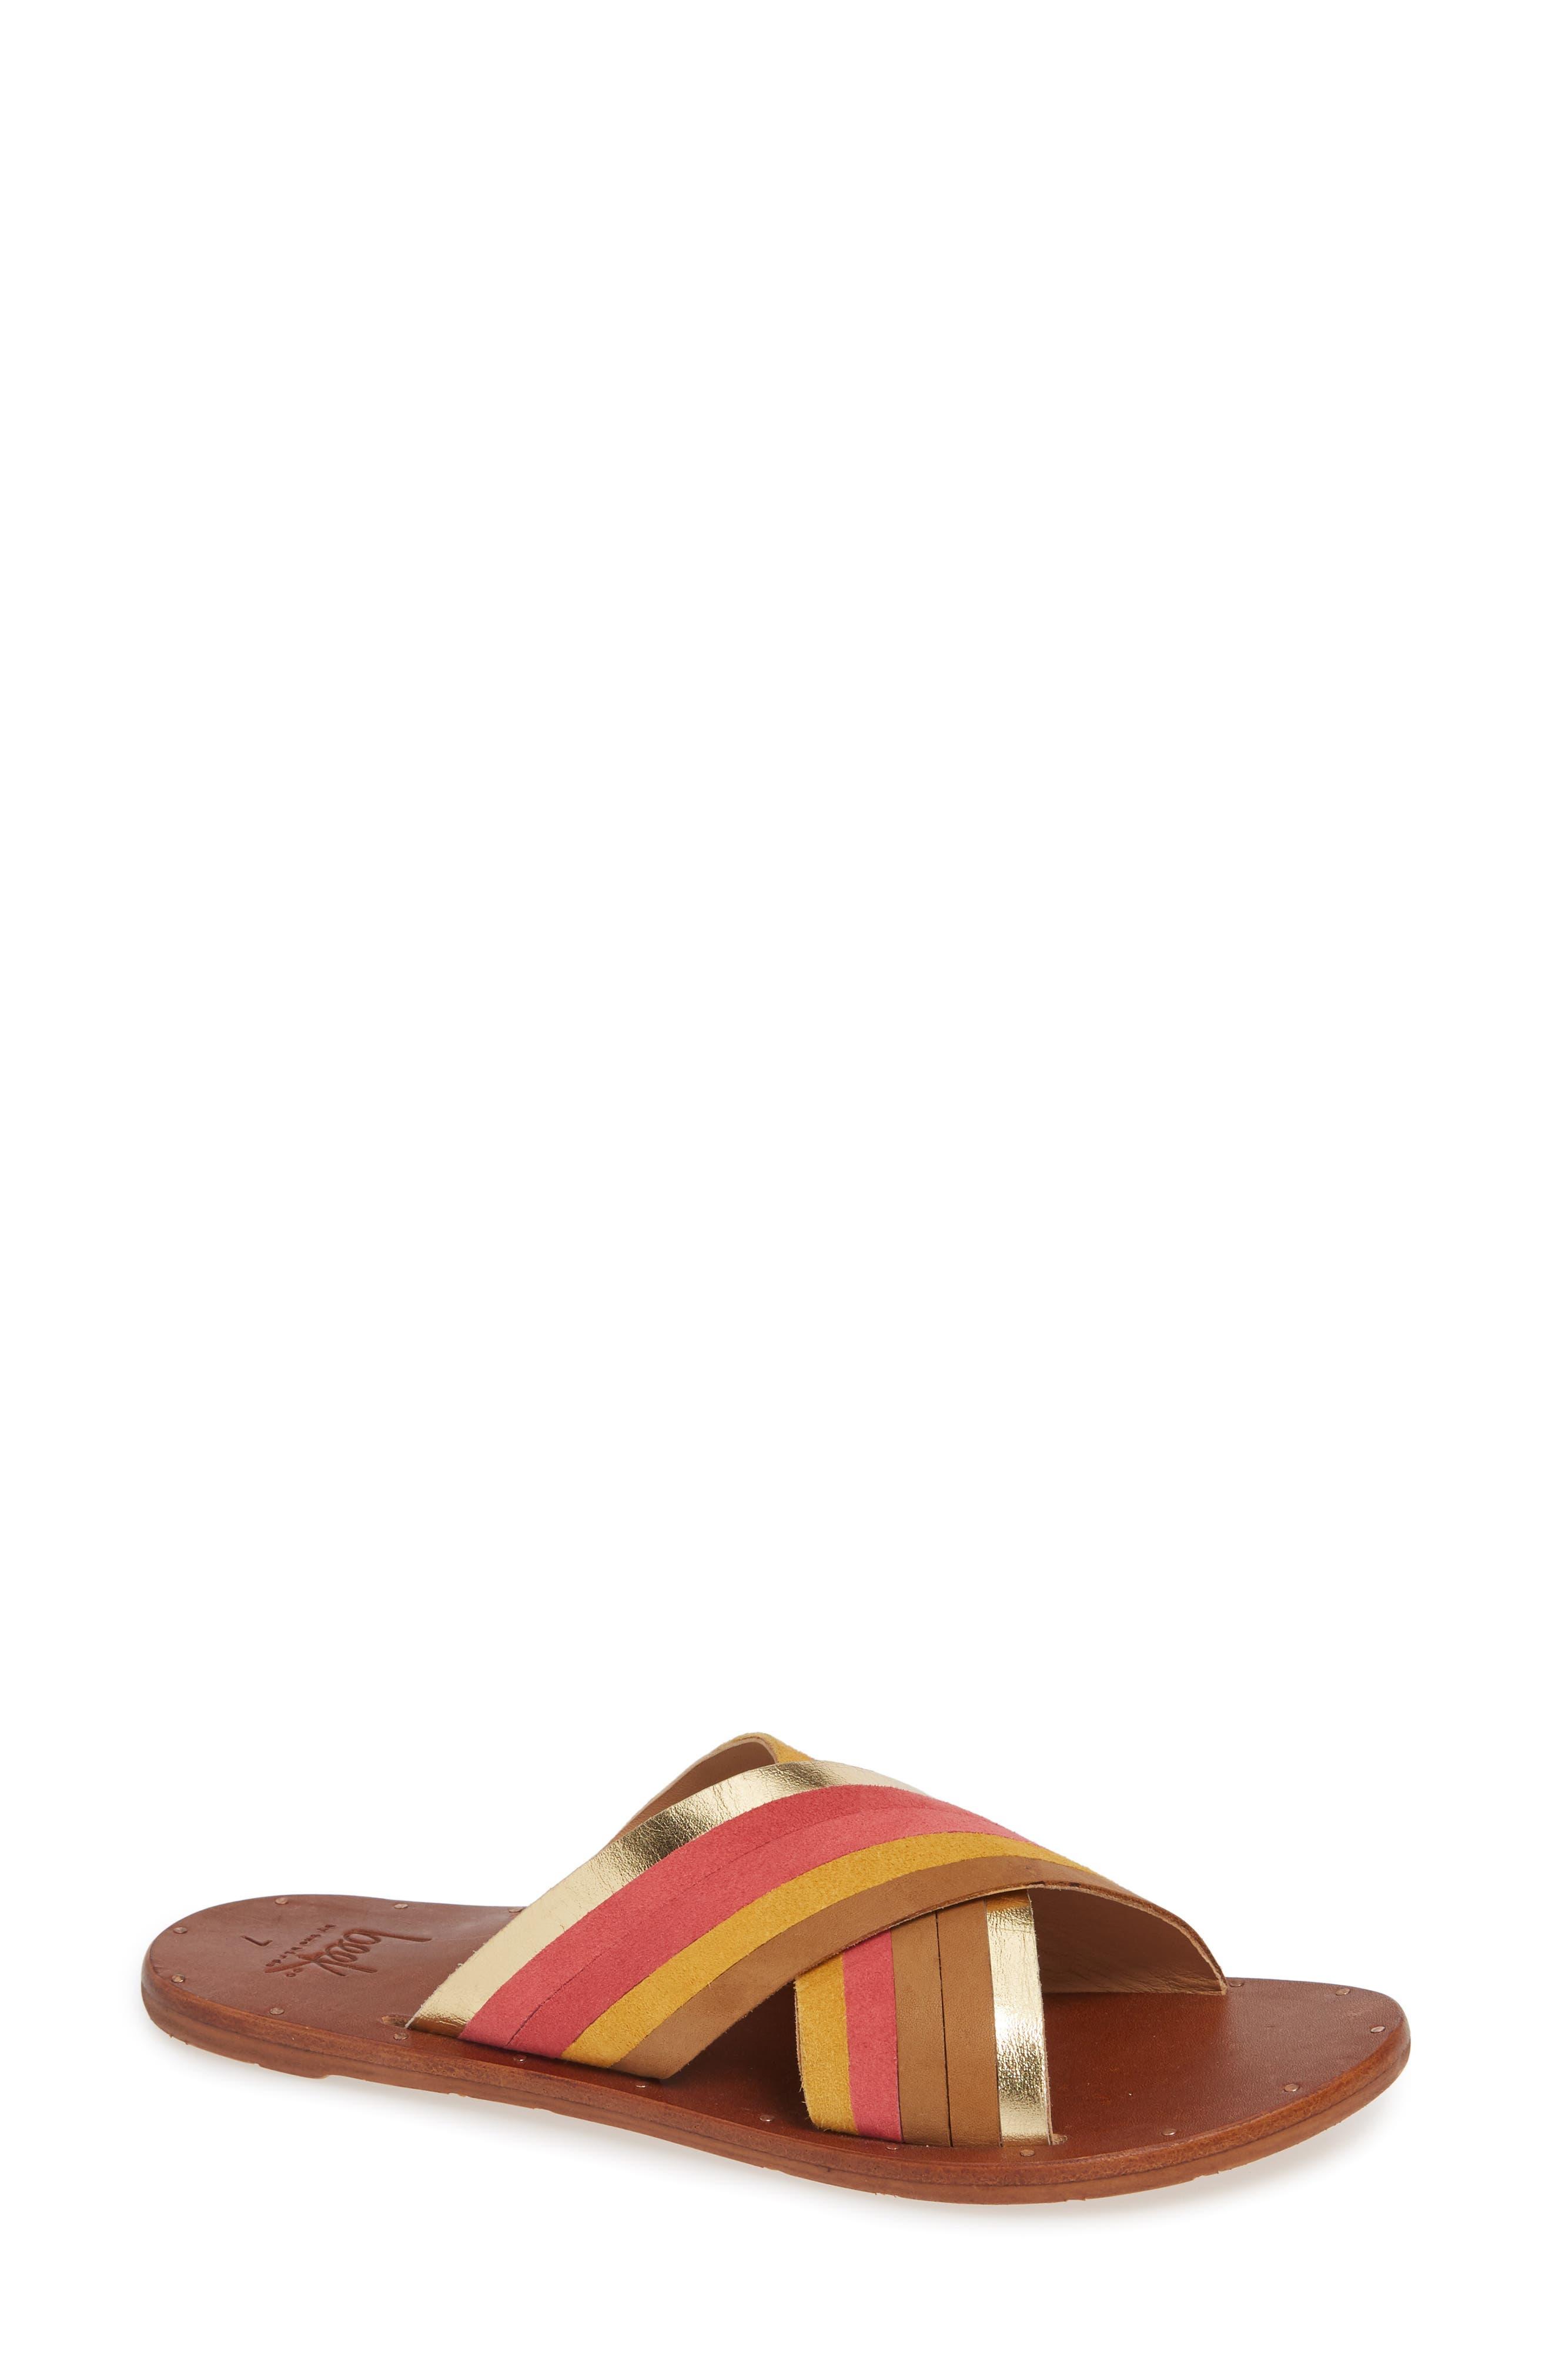 BEEK Palila Crisscross Slide Sandal in Multi/ Tan